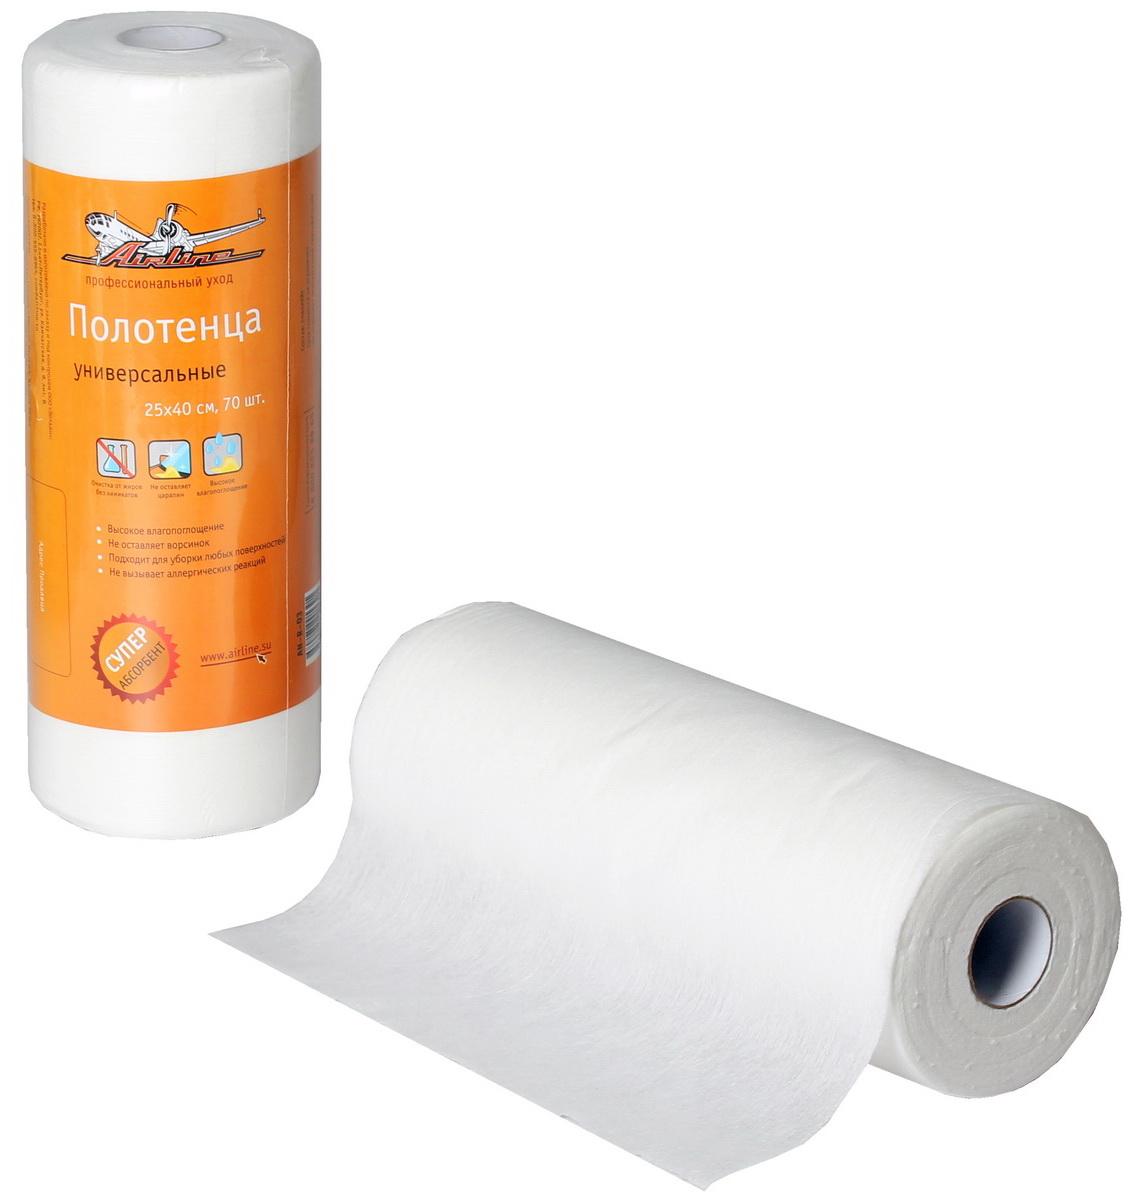 Полотенце универсальное Airline, 25 х 40 см, 70 штAN-R-03Универсальные полотенца Airline для уборки, помогут поддержанию чистоты в салоне автомобиля, дома и в любом другом месте. Полотенца выполнены из вискозы и полиэстера. С помощью полотенец может осуществляться исключительно влажная уборка. Изделия собирают даже мельчайшие загрязнения и тщательно впитывают влагу. Преимущества: - Высокое влагопоглощение, - Не оставляет ворсинок, - Подходит для уборки любых поверхностей, - Не вызывает аллергических реакций. Не подлежит обязательной сертификации.